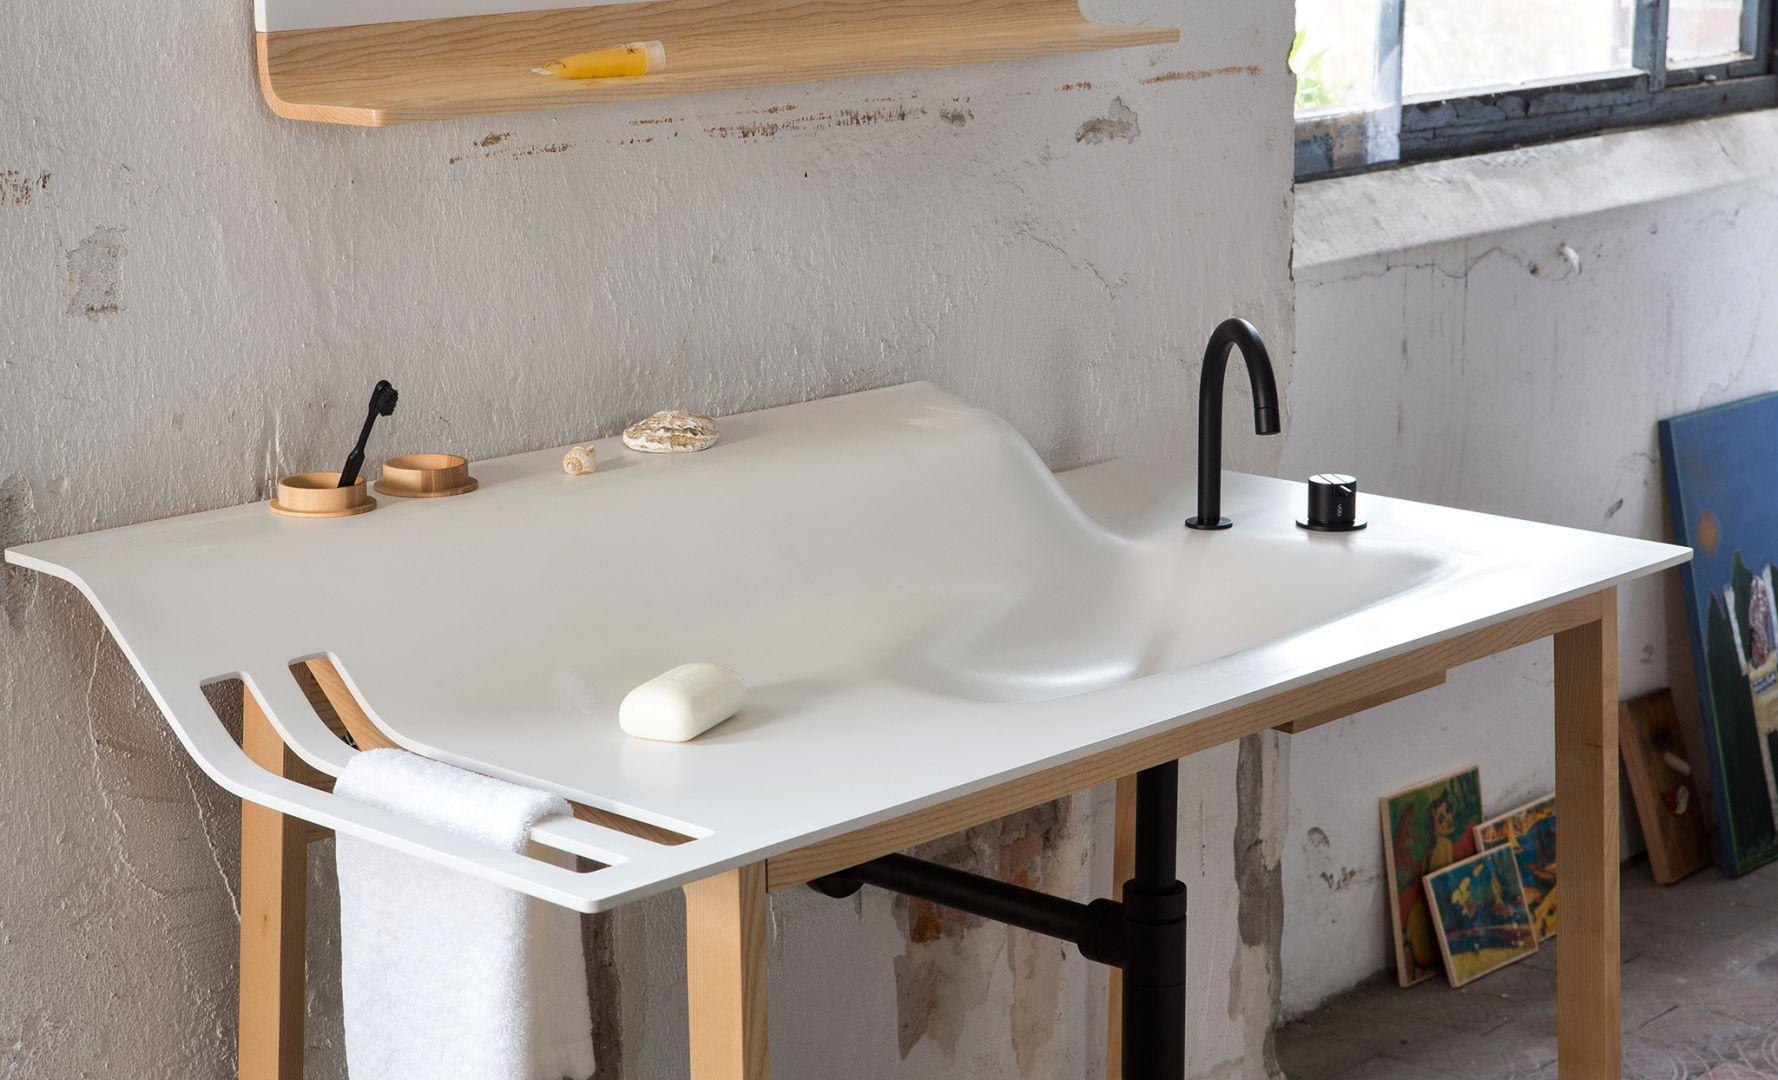 Kolekcja Private Space Waschtisch świetnie sprawdzi się we wnętrzach w stylu loft. Wyróżnia się minimalistyczną formą. Fot. Ellenberger Design